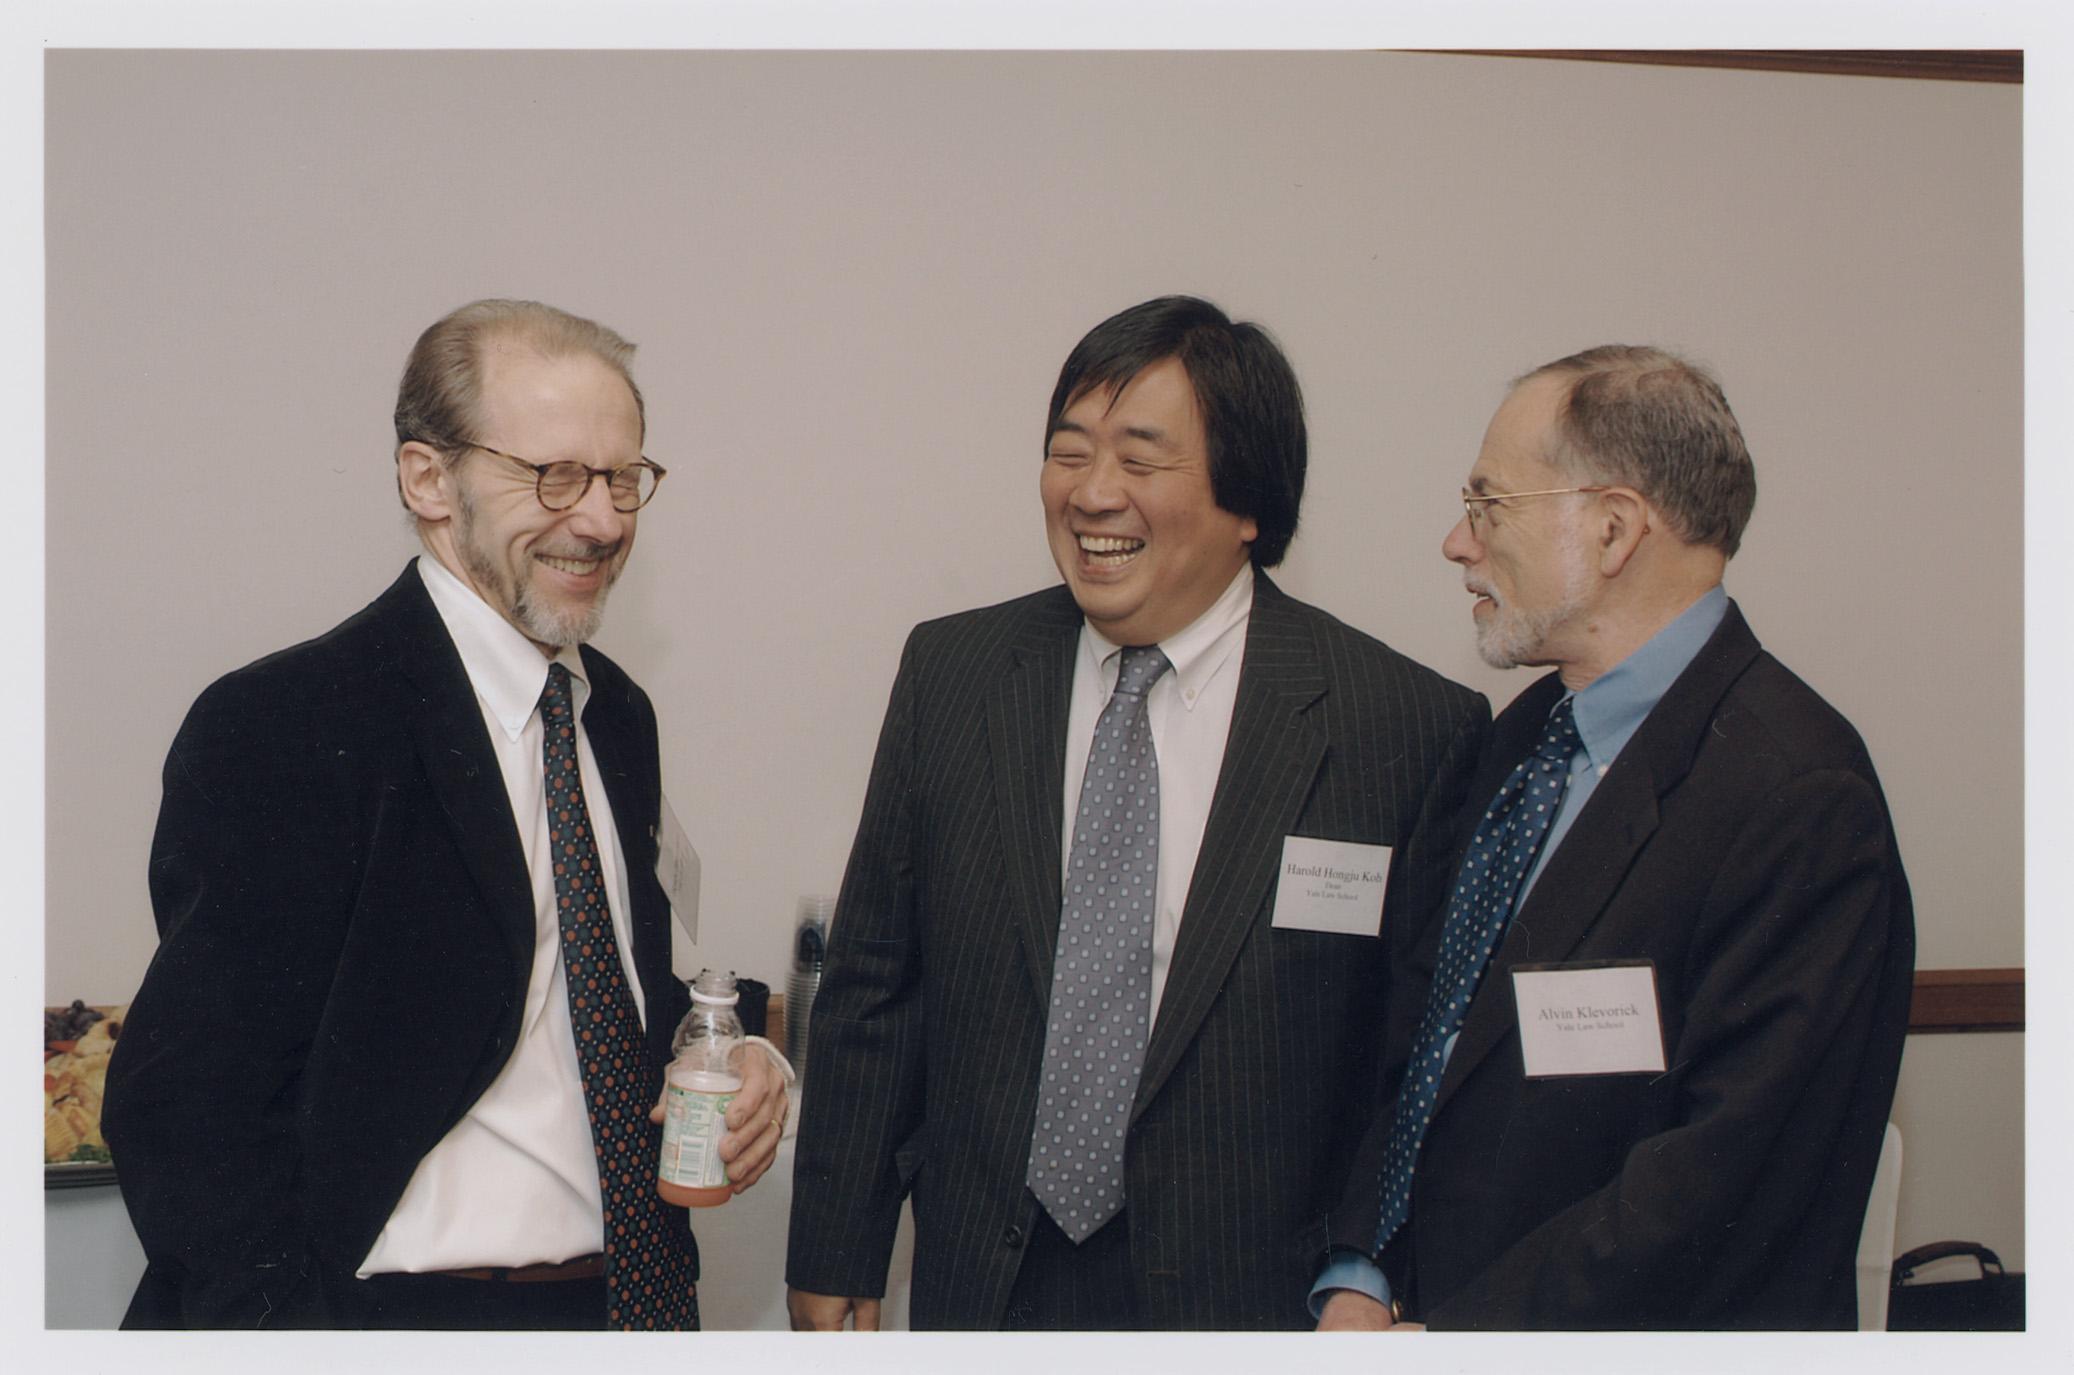 YLS Prof. Henry Hansmann '74, YLS Dean Harold Hongju Koh, and YLS Prof. Al Klevorick